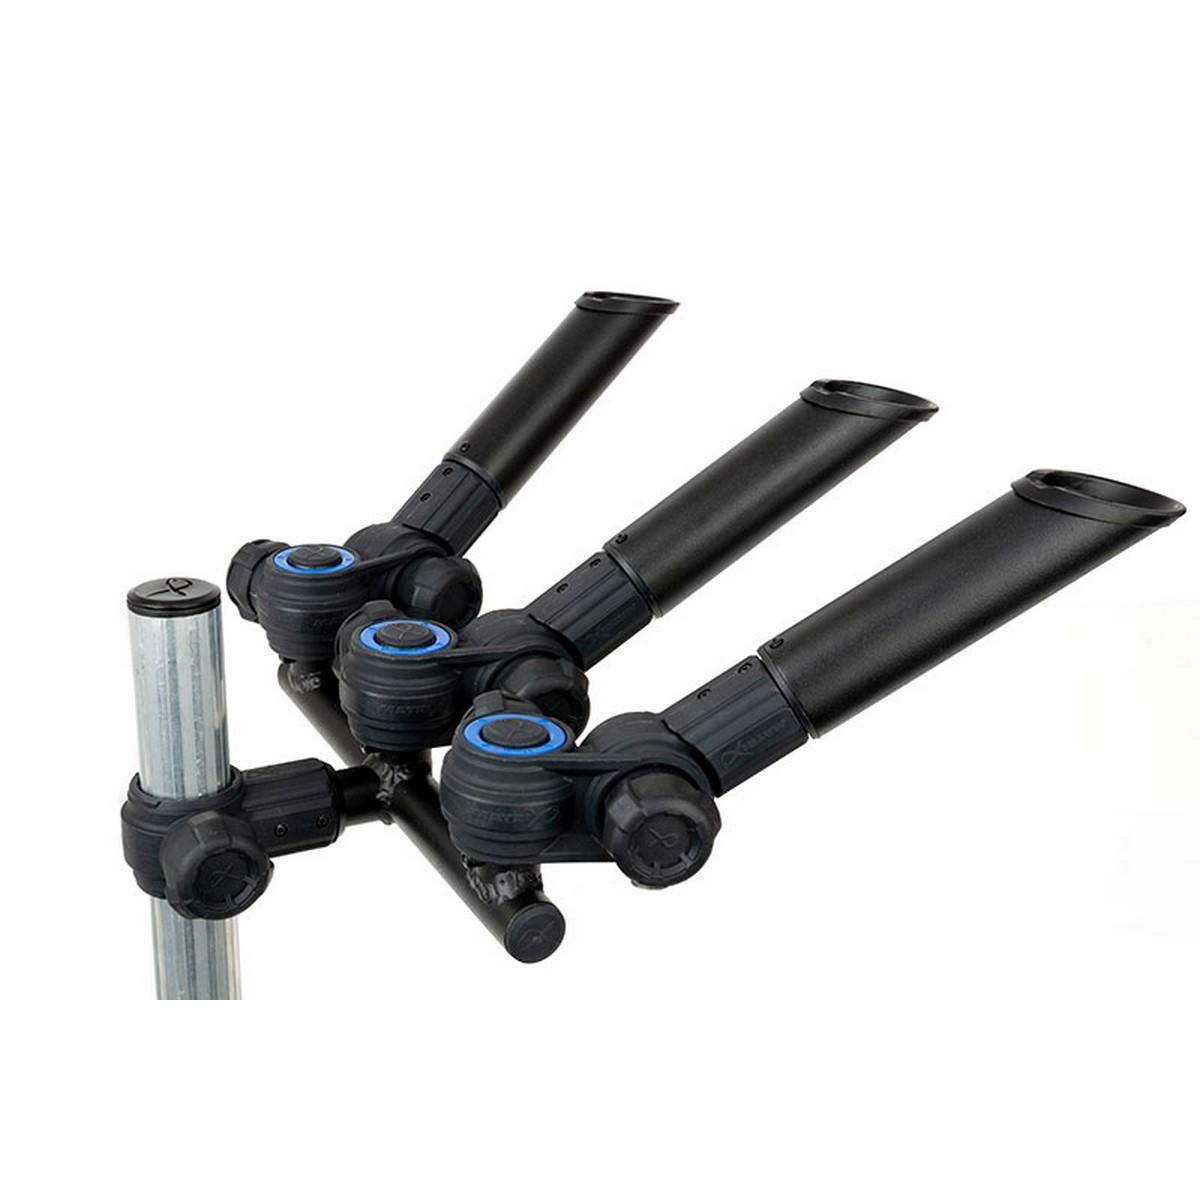 Прикачна за платформа Matrix 3D-R Multi Angle Rod Holder - Стойка за 3 въдици